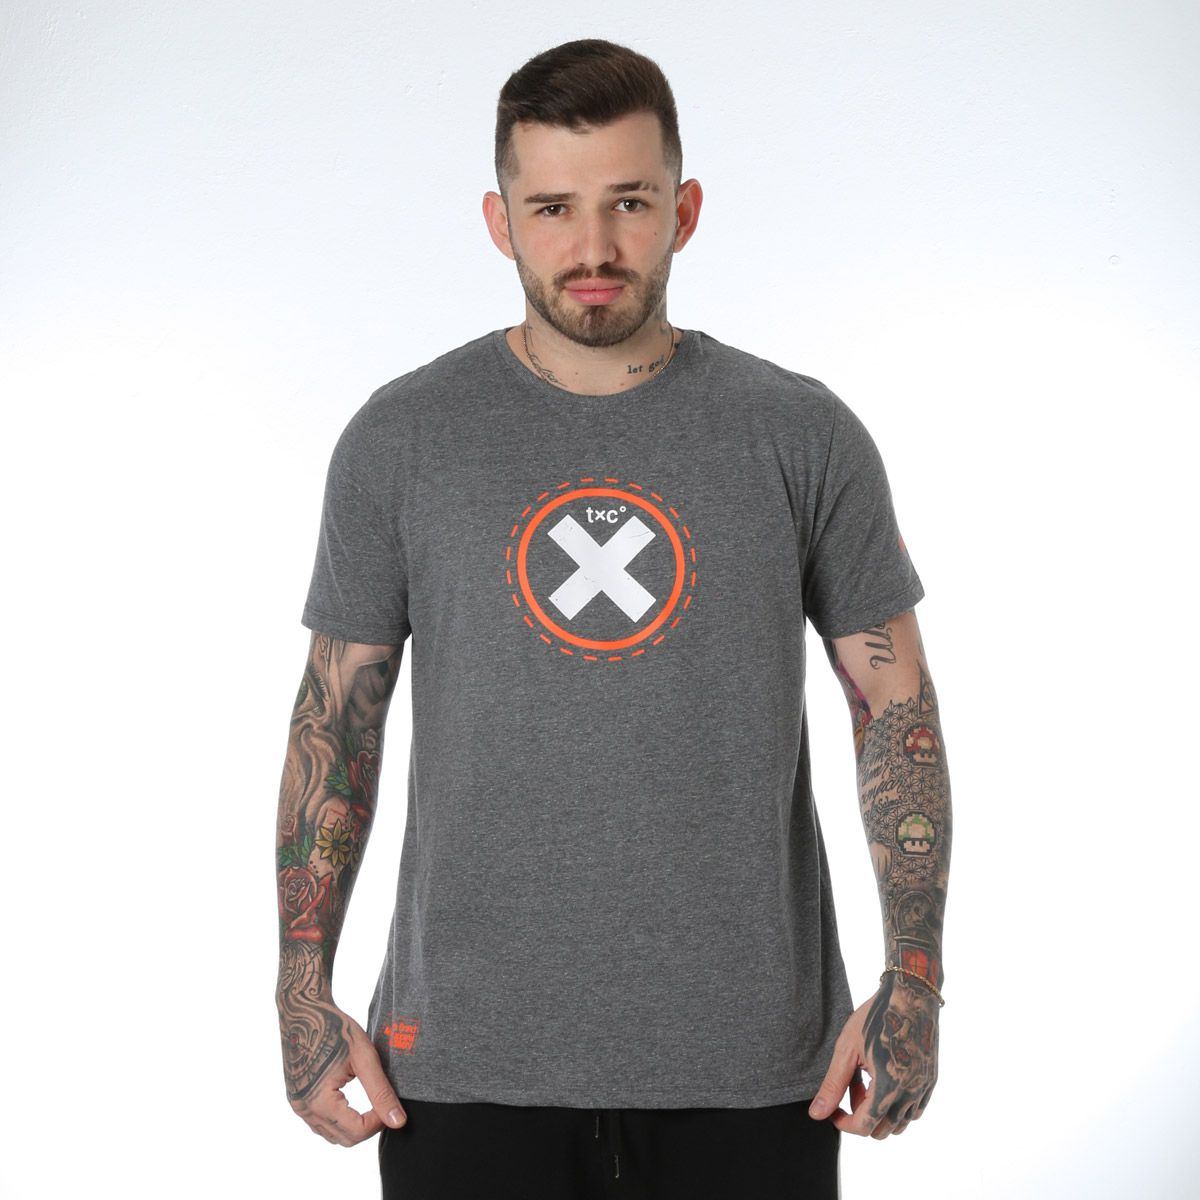 Camiseta TXC Brand 1766